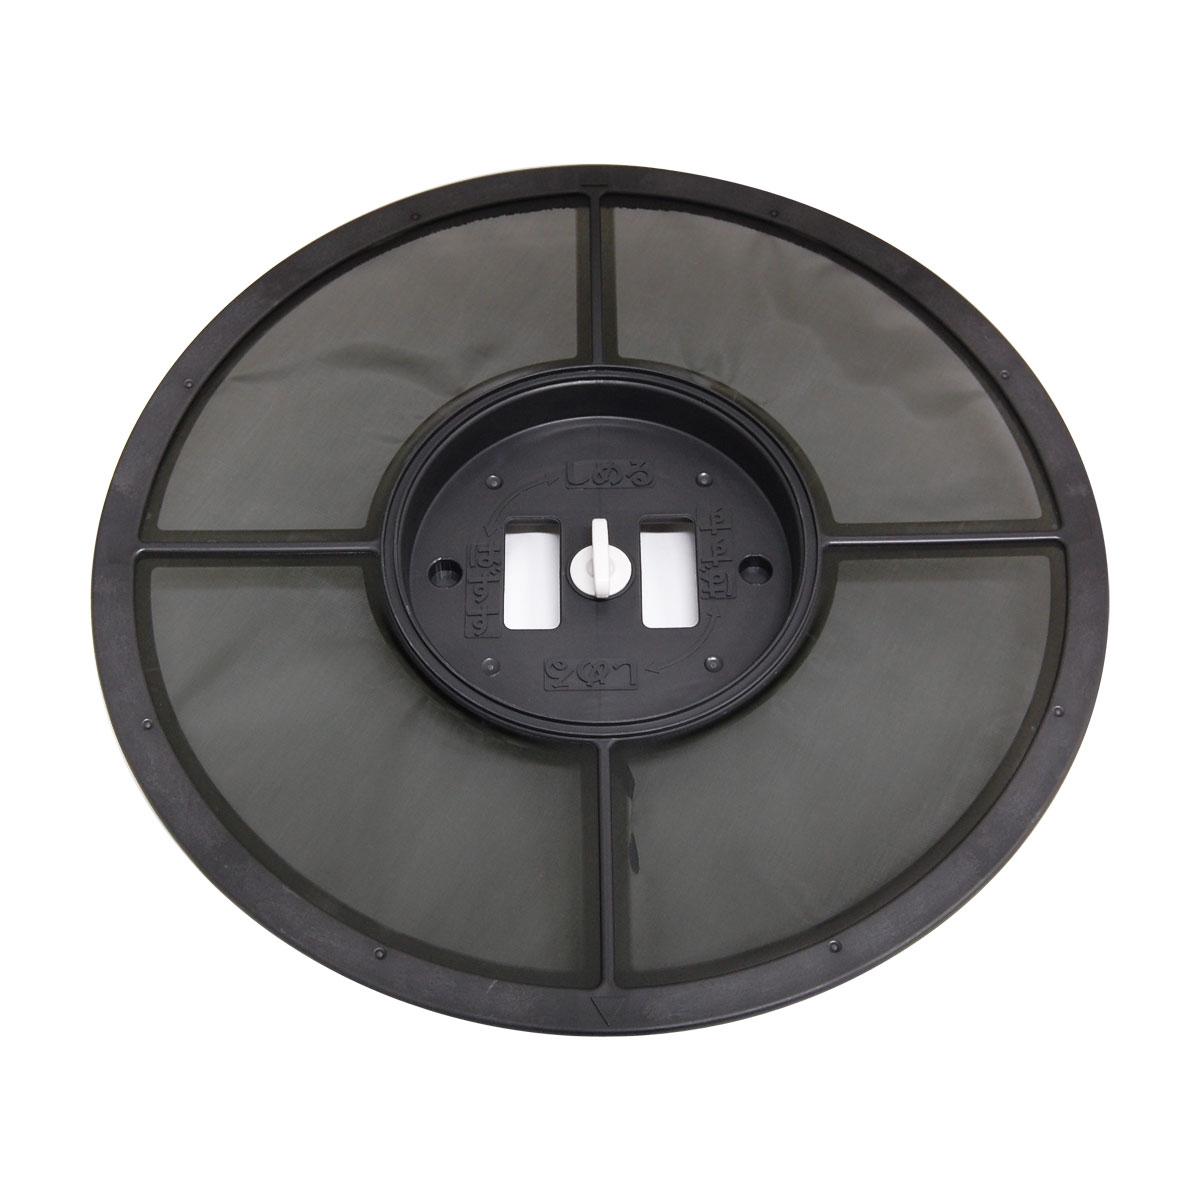 期間限定で特別価格 SEAL限定商品 リンナイ純正ガス衣類乾燥機部品リンナイ公式ストアだから安心購入 内フィルター リンナイ純正部品ガス衣類乾燥機